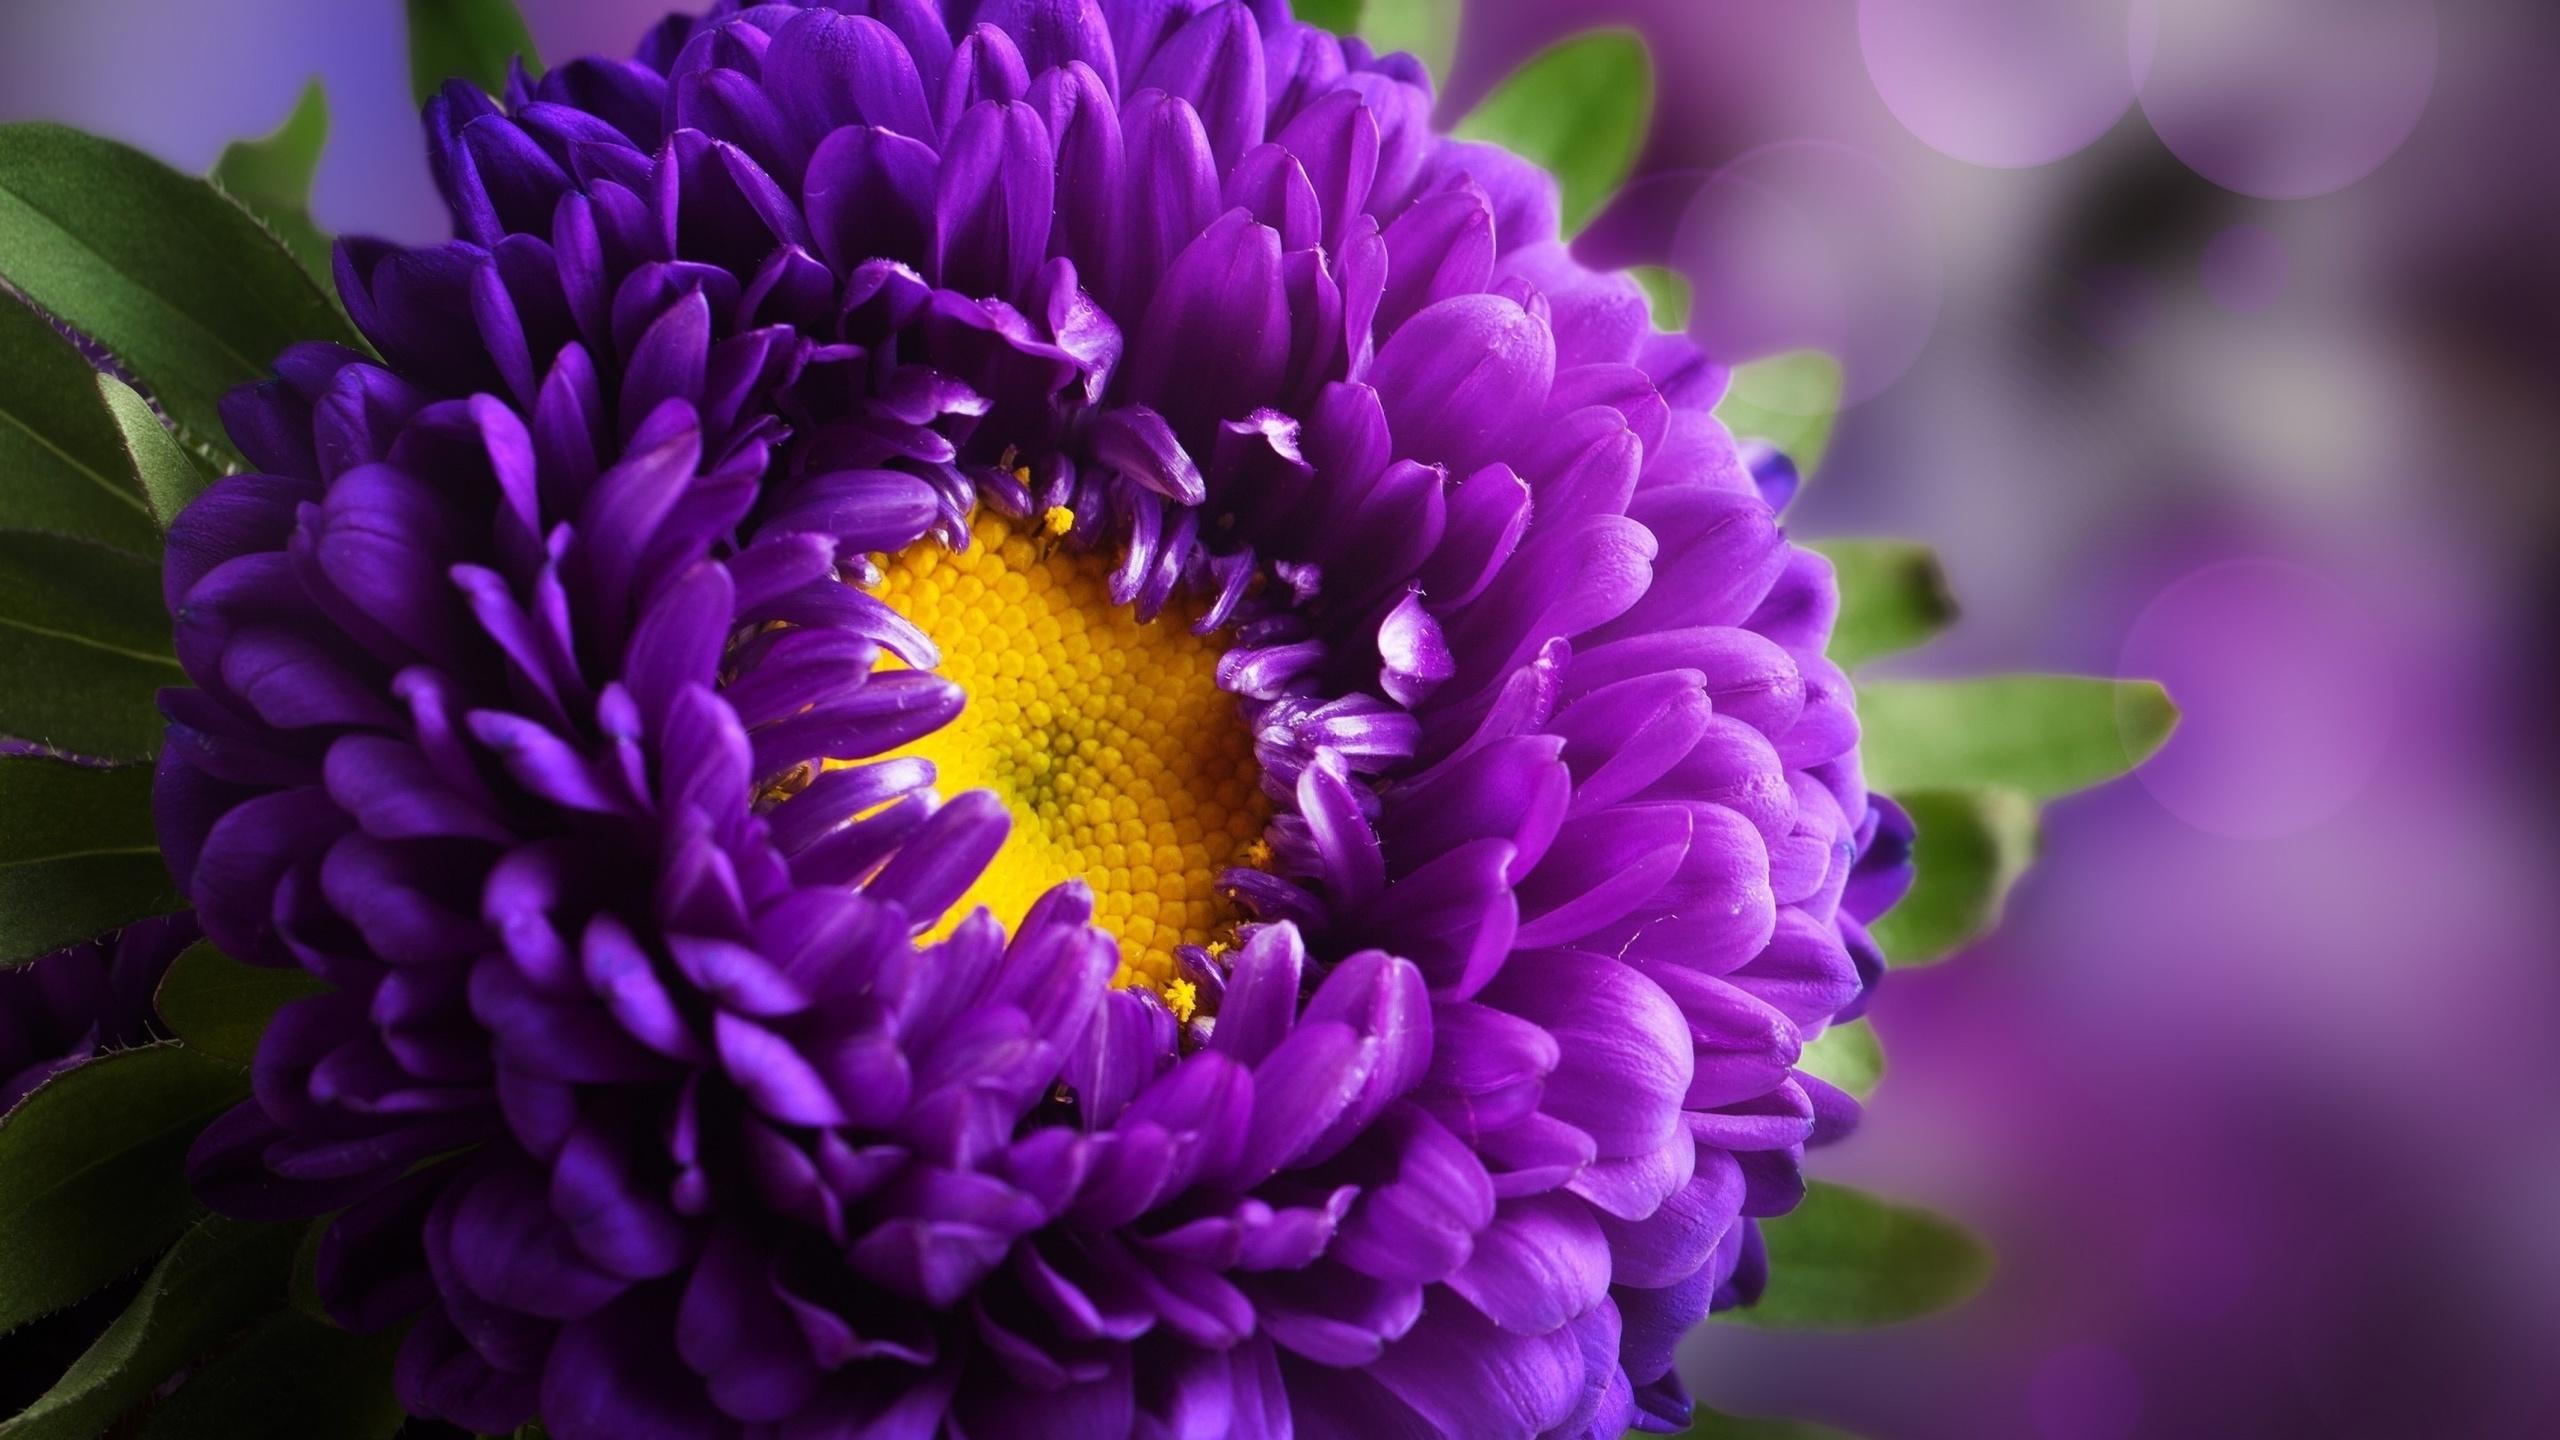 картинки цветы астры на телефон придания